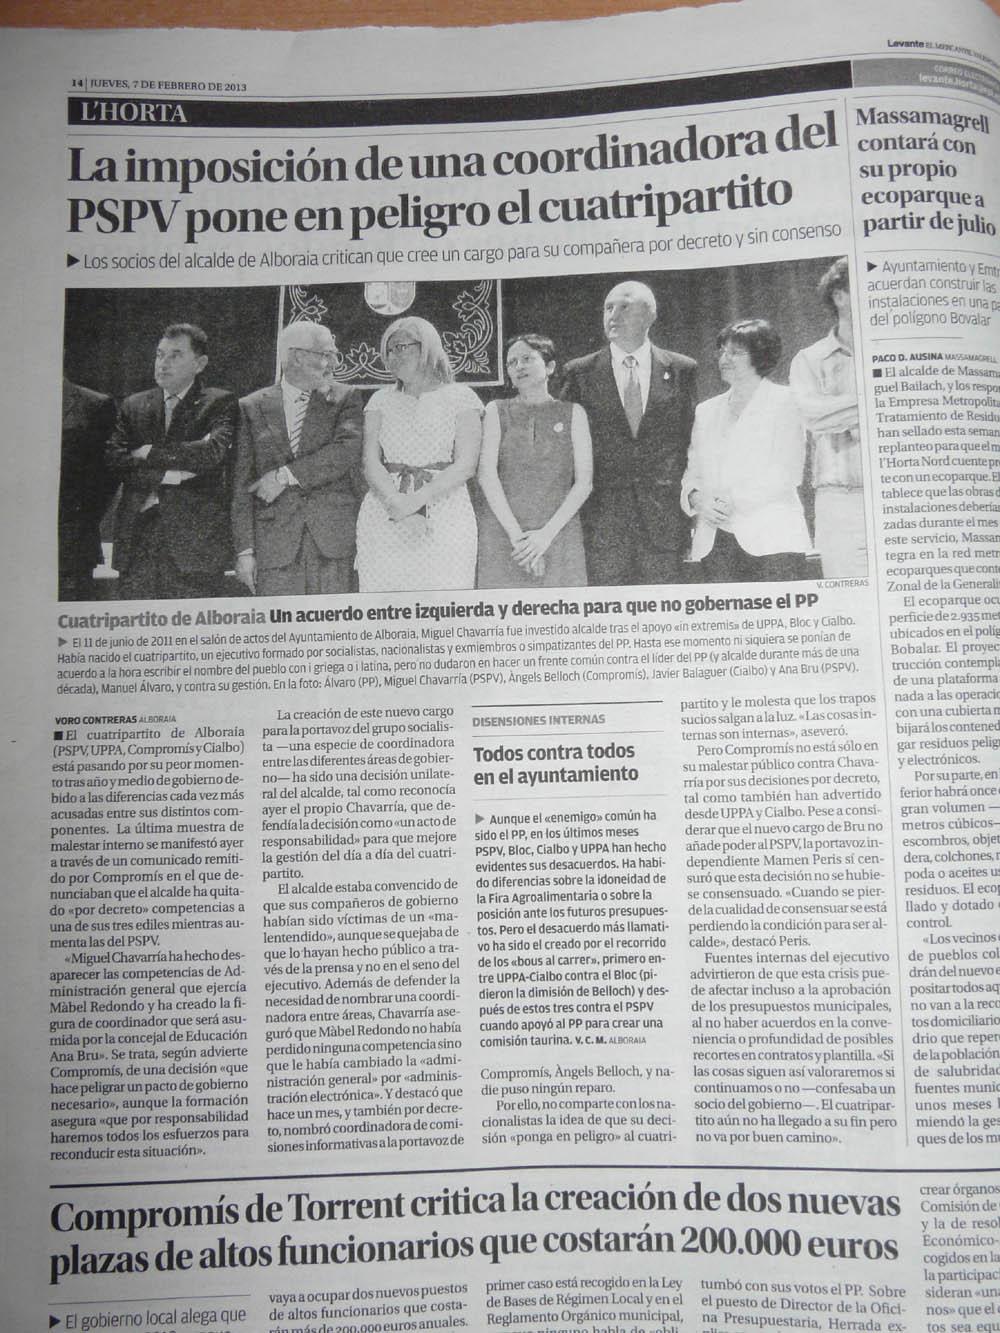 """Photo: Levante-EMV: """"La imposición de una coordinadora del PSPV pone en peligro el cuatripartito"""""""